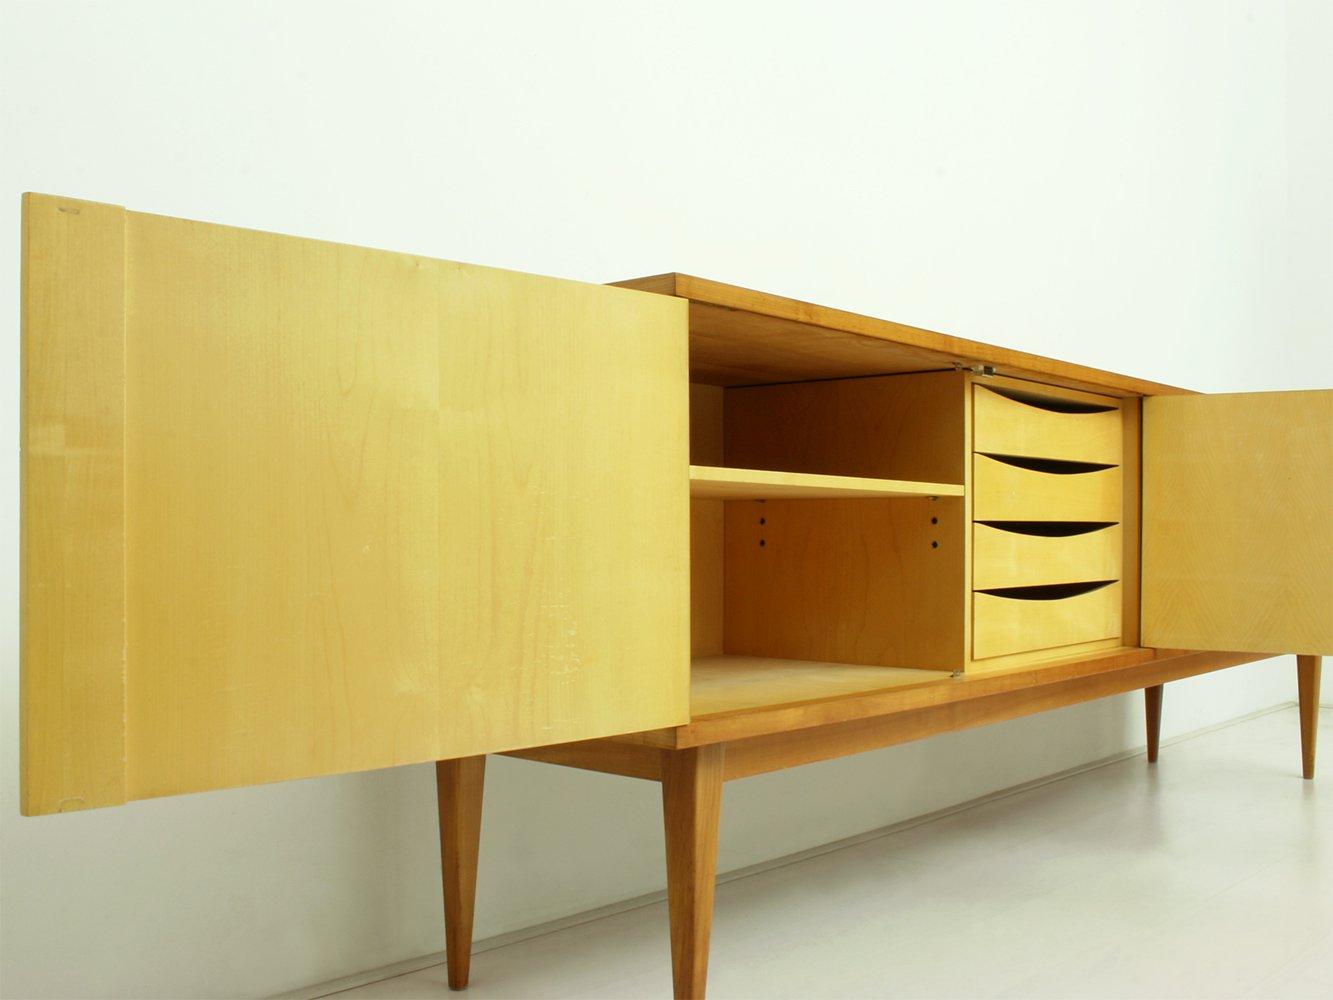 deutsches kirschholz sideboard von wk m bel 1962 bei. Black Bedroom Furniture Sets. Home Design Ideas